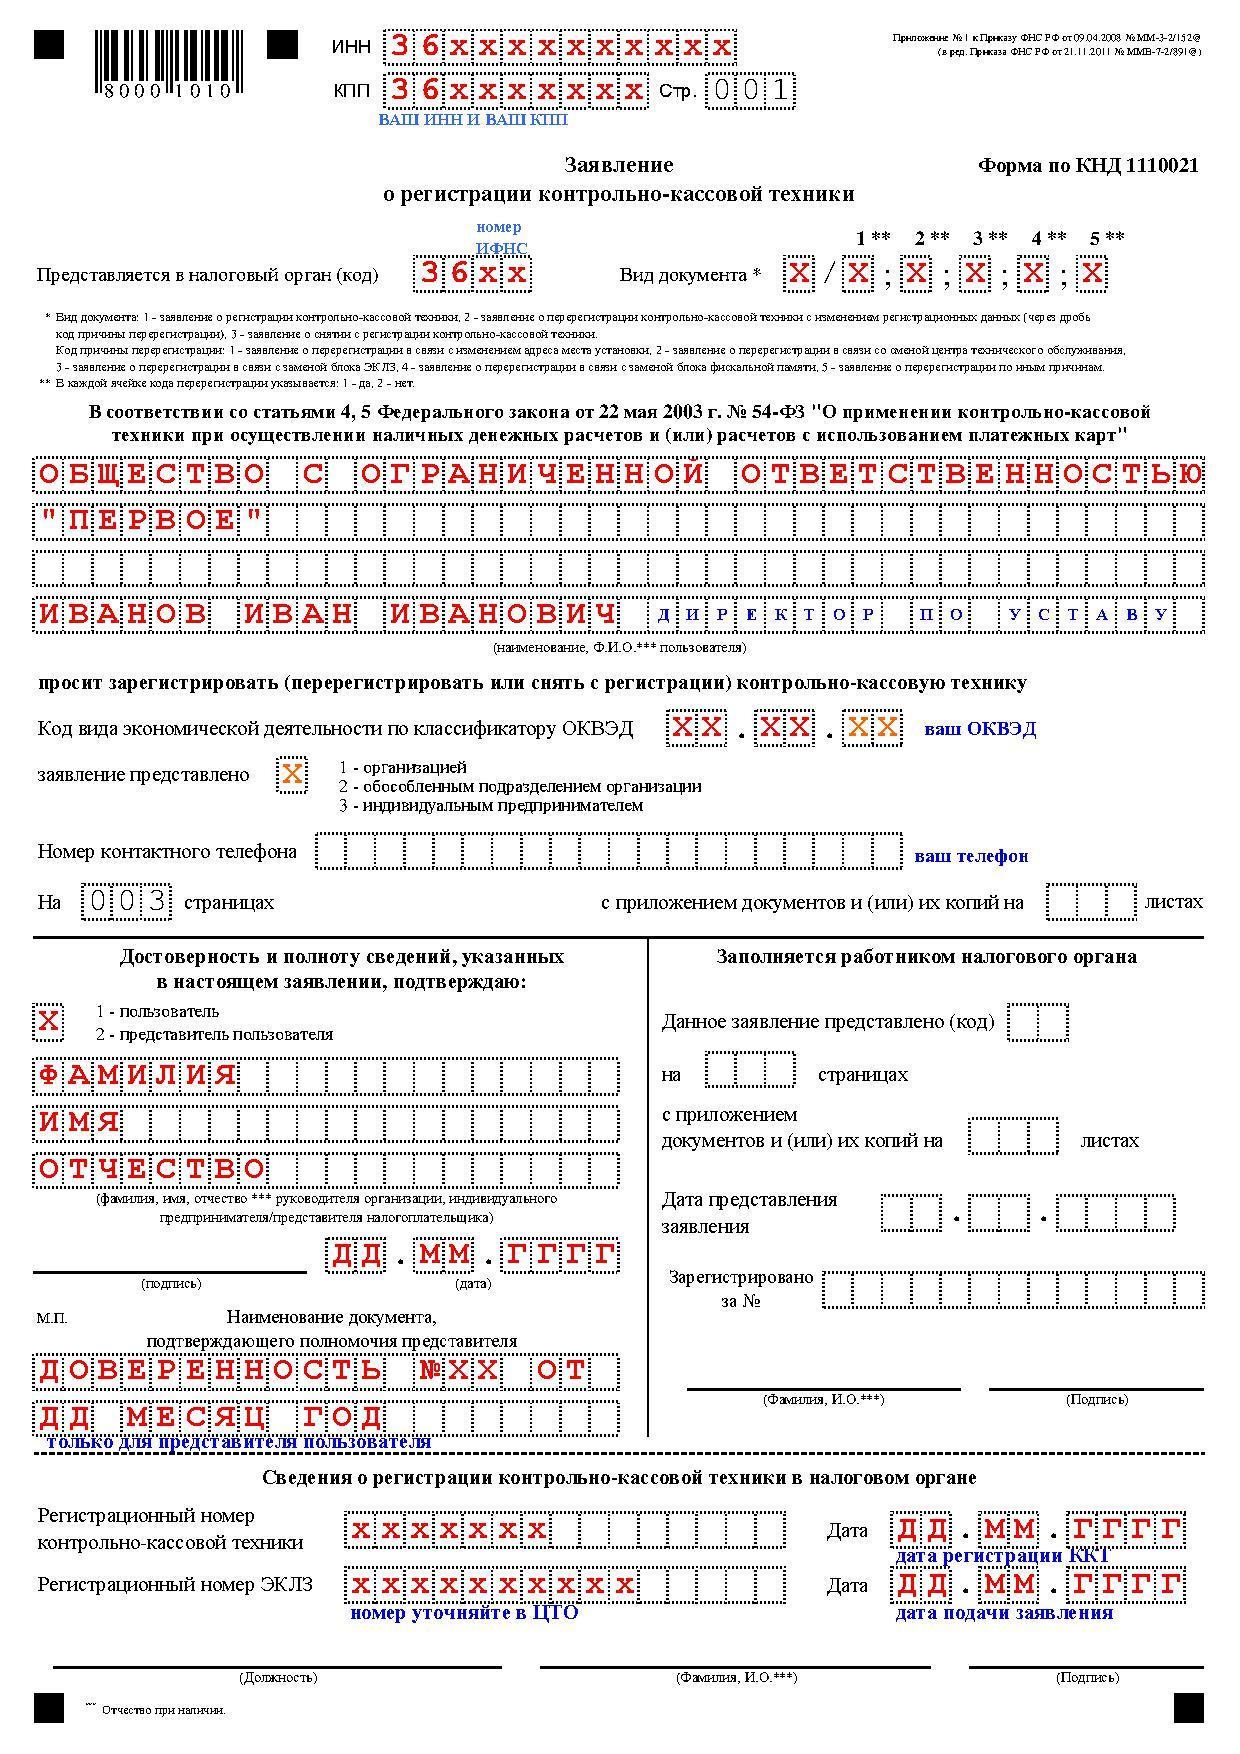 бланк заявлений для постановки в налоговый учет